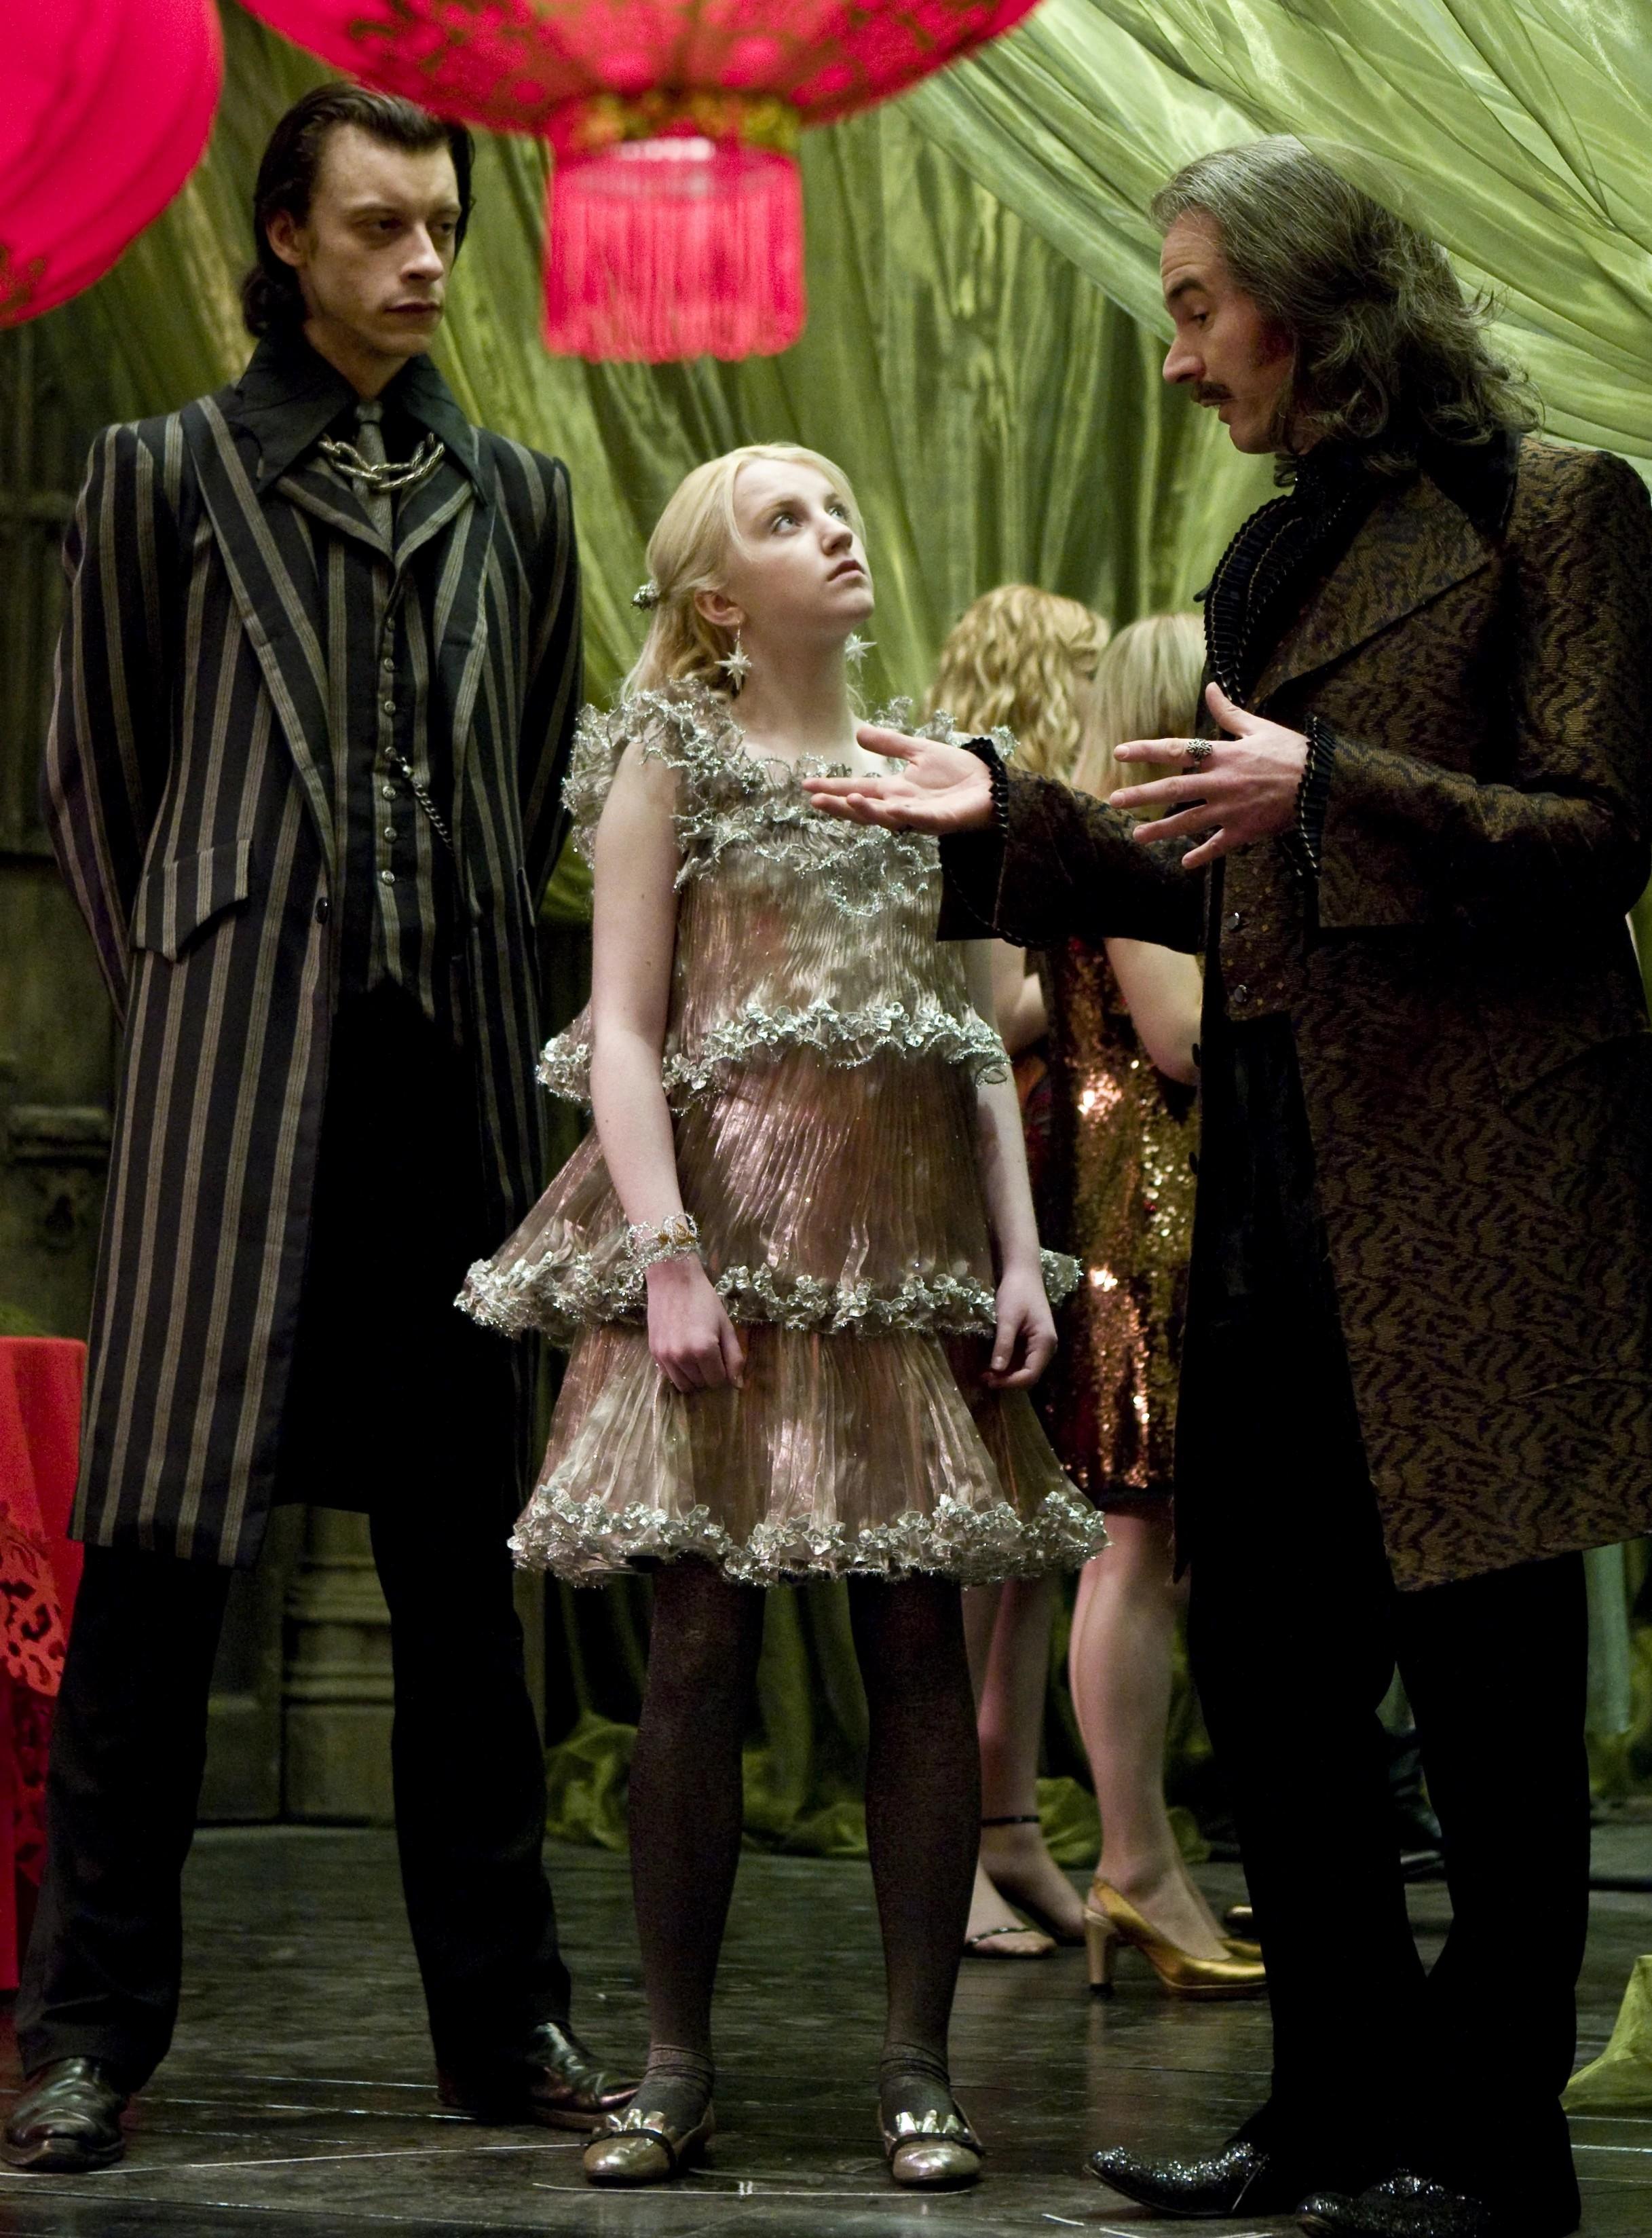 Soirée de Noël de Slughorn. Eldred Worped parle à Luna, que Sanguini observe.